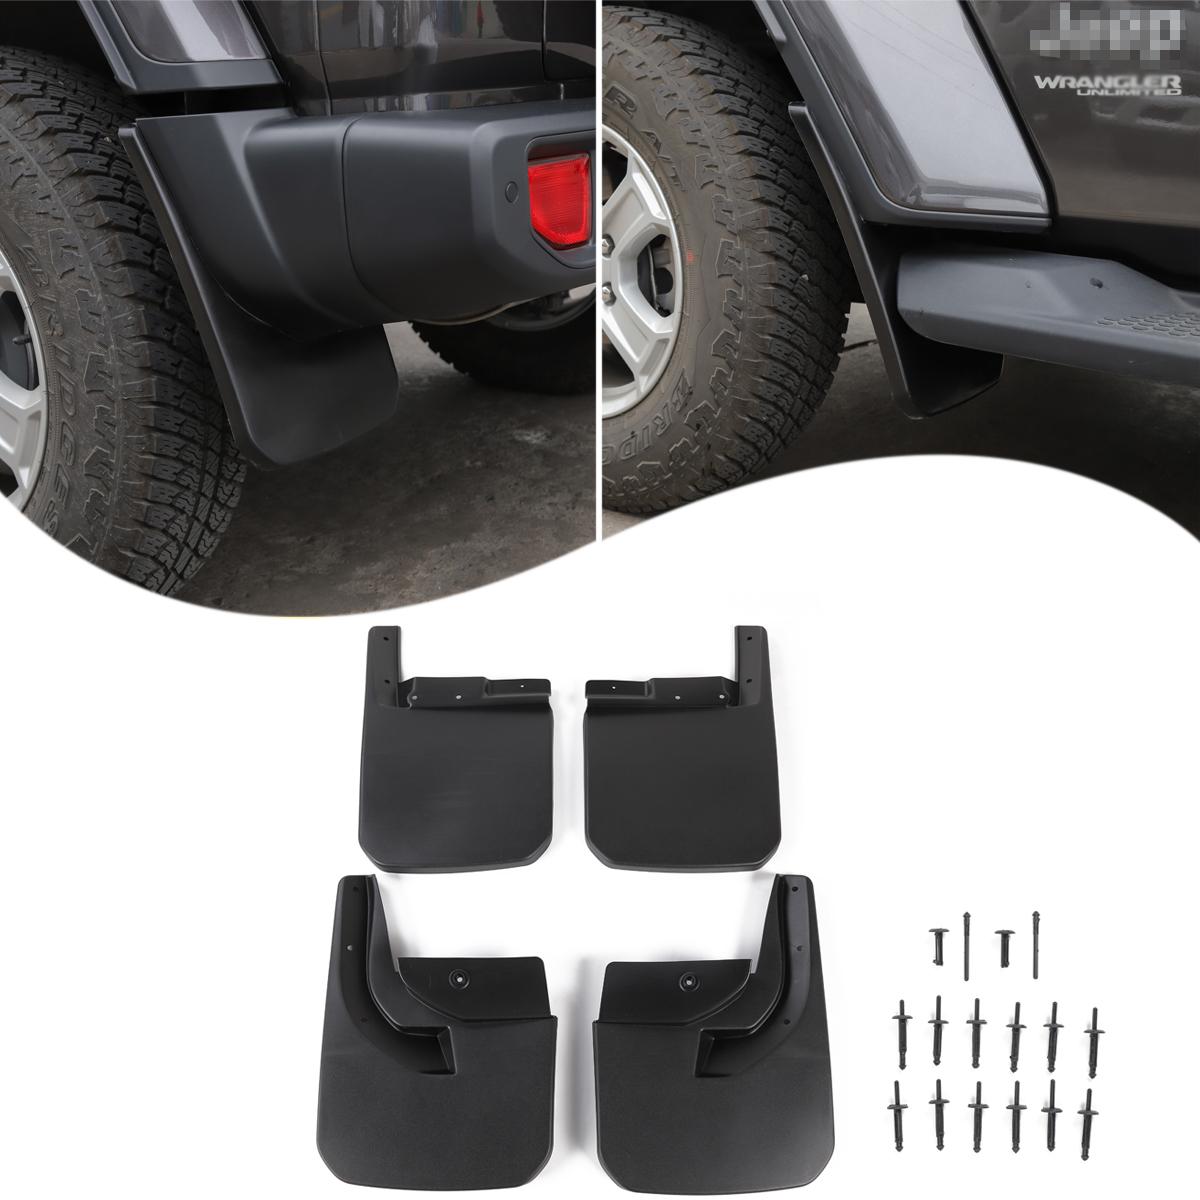 Pedale Frontale del Piede Lato Sinistro dellautomobile per Jeep Wrangler Unlimited JK